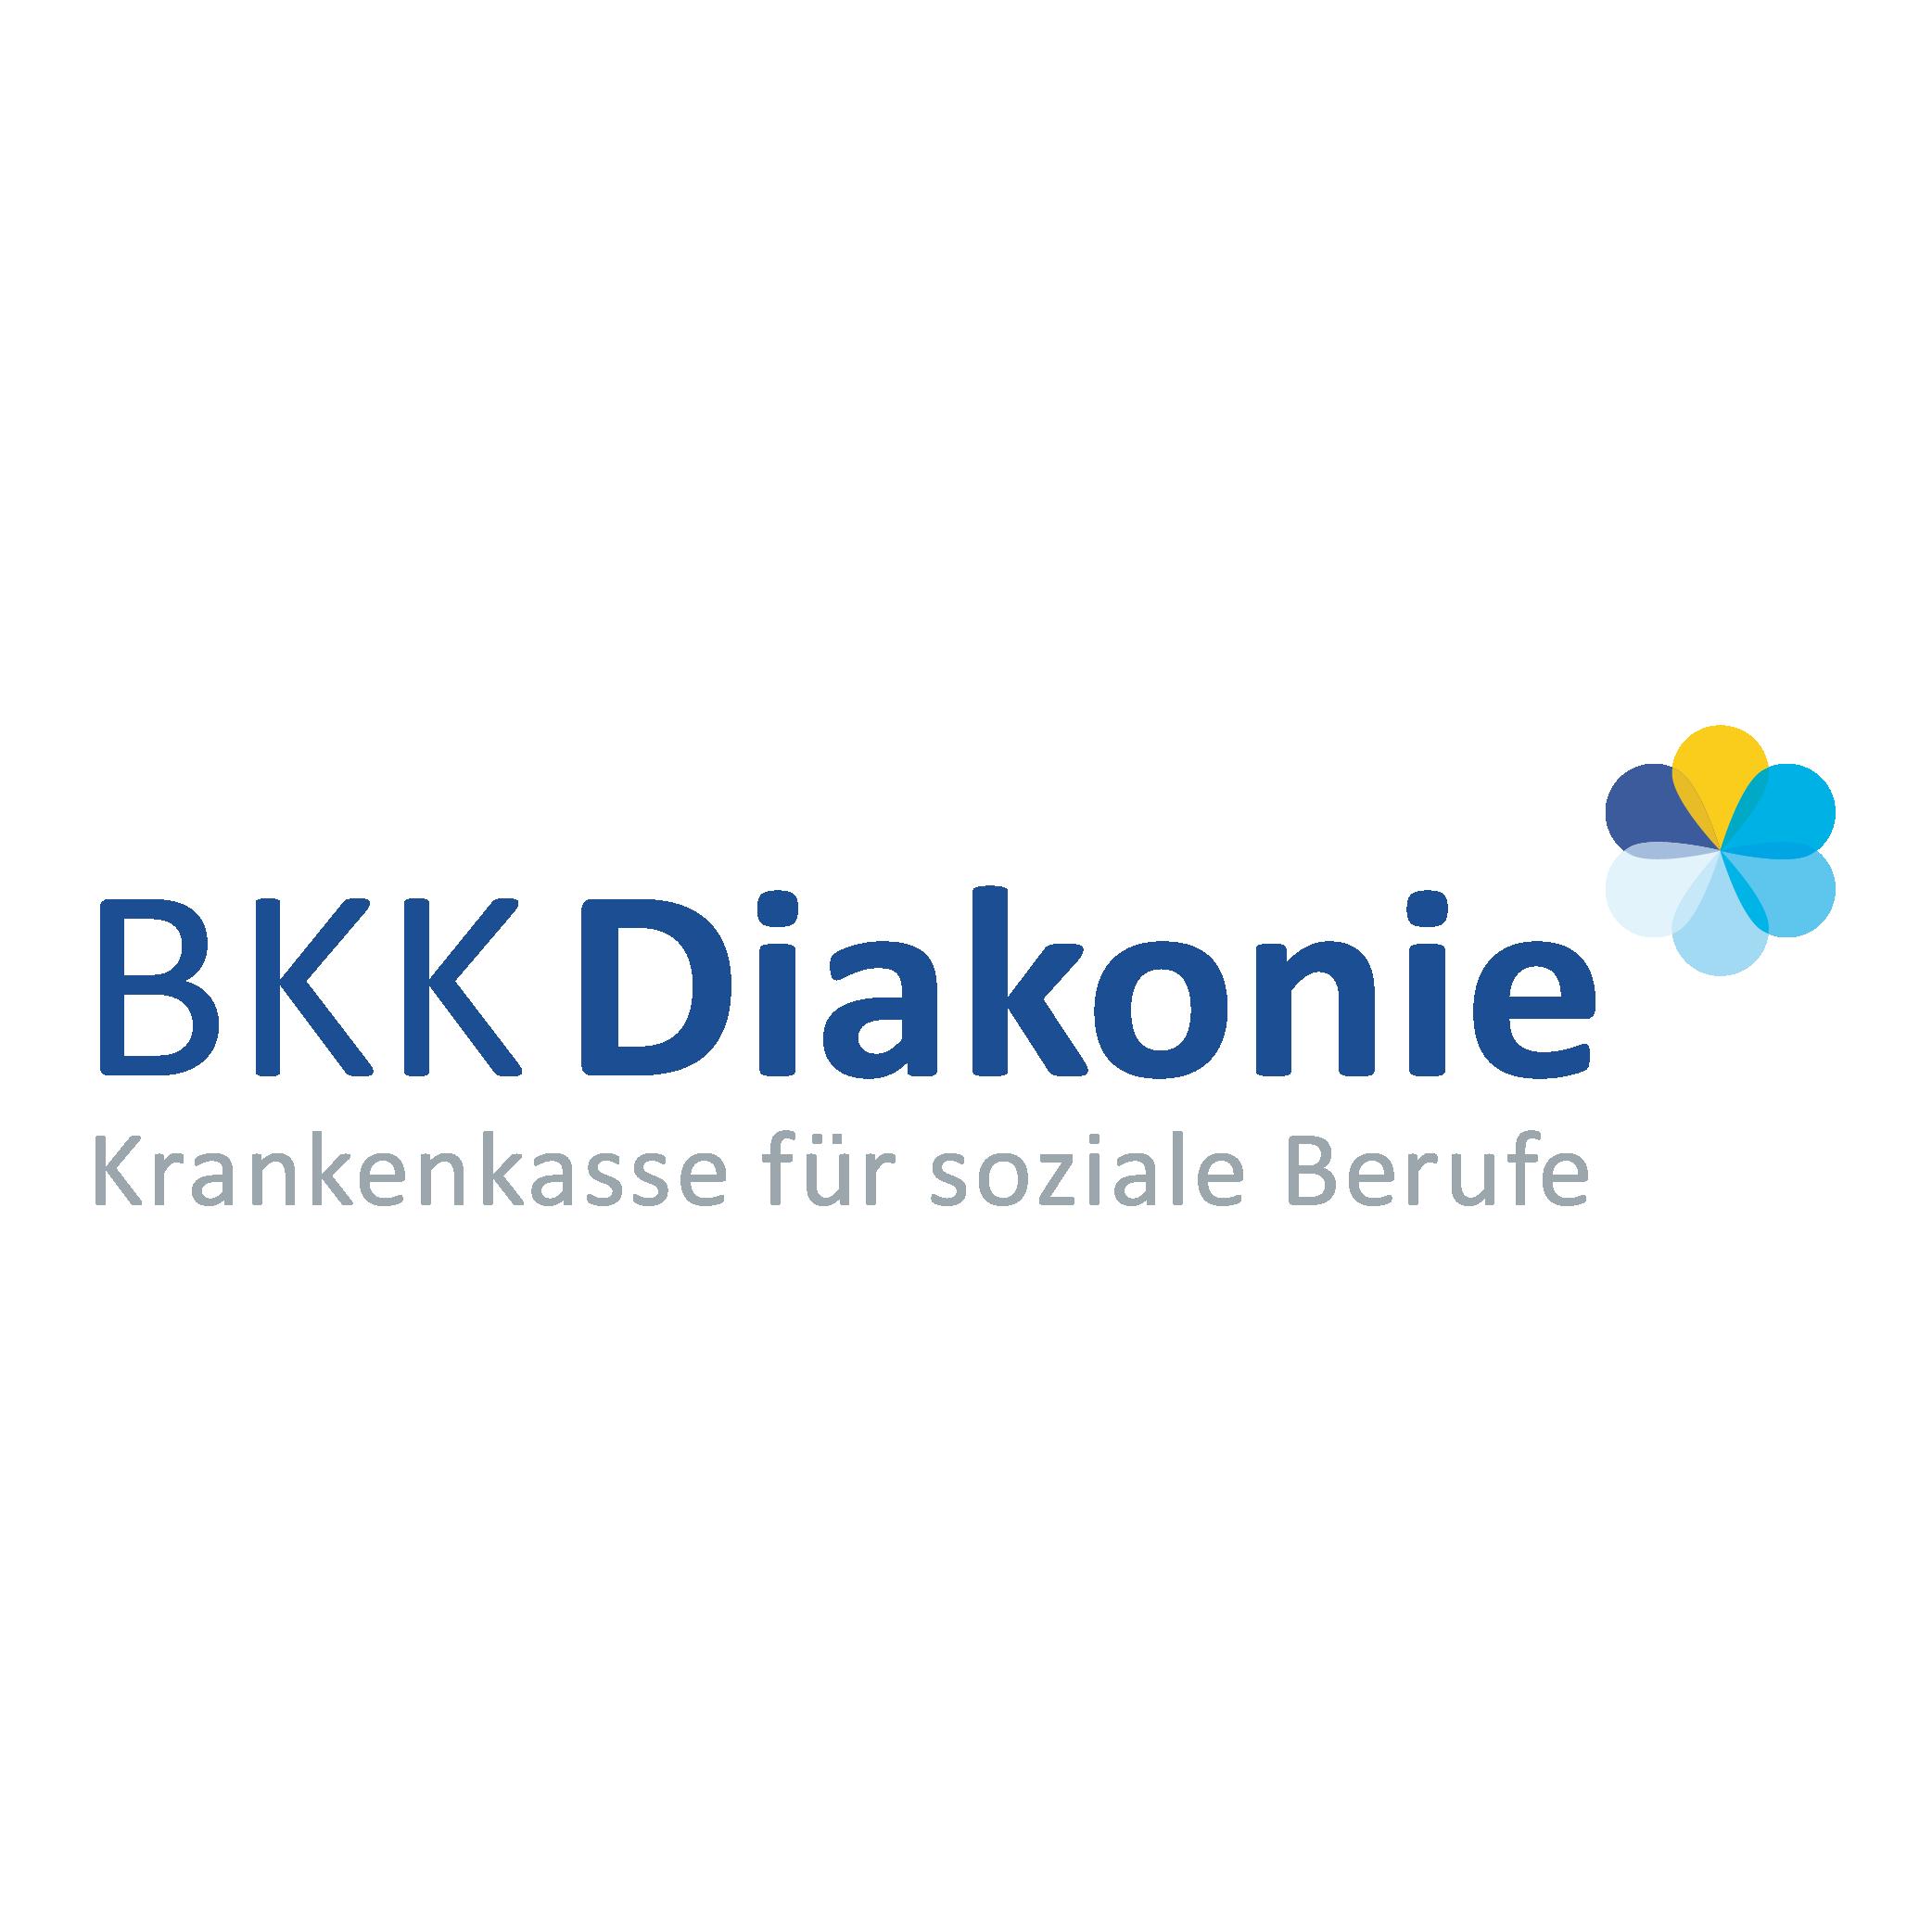 Markenzeichen der BKK Diakonie